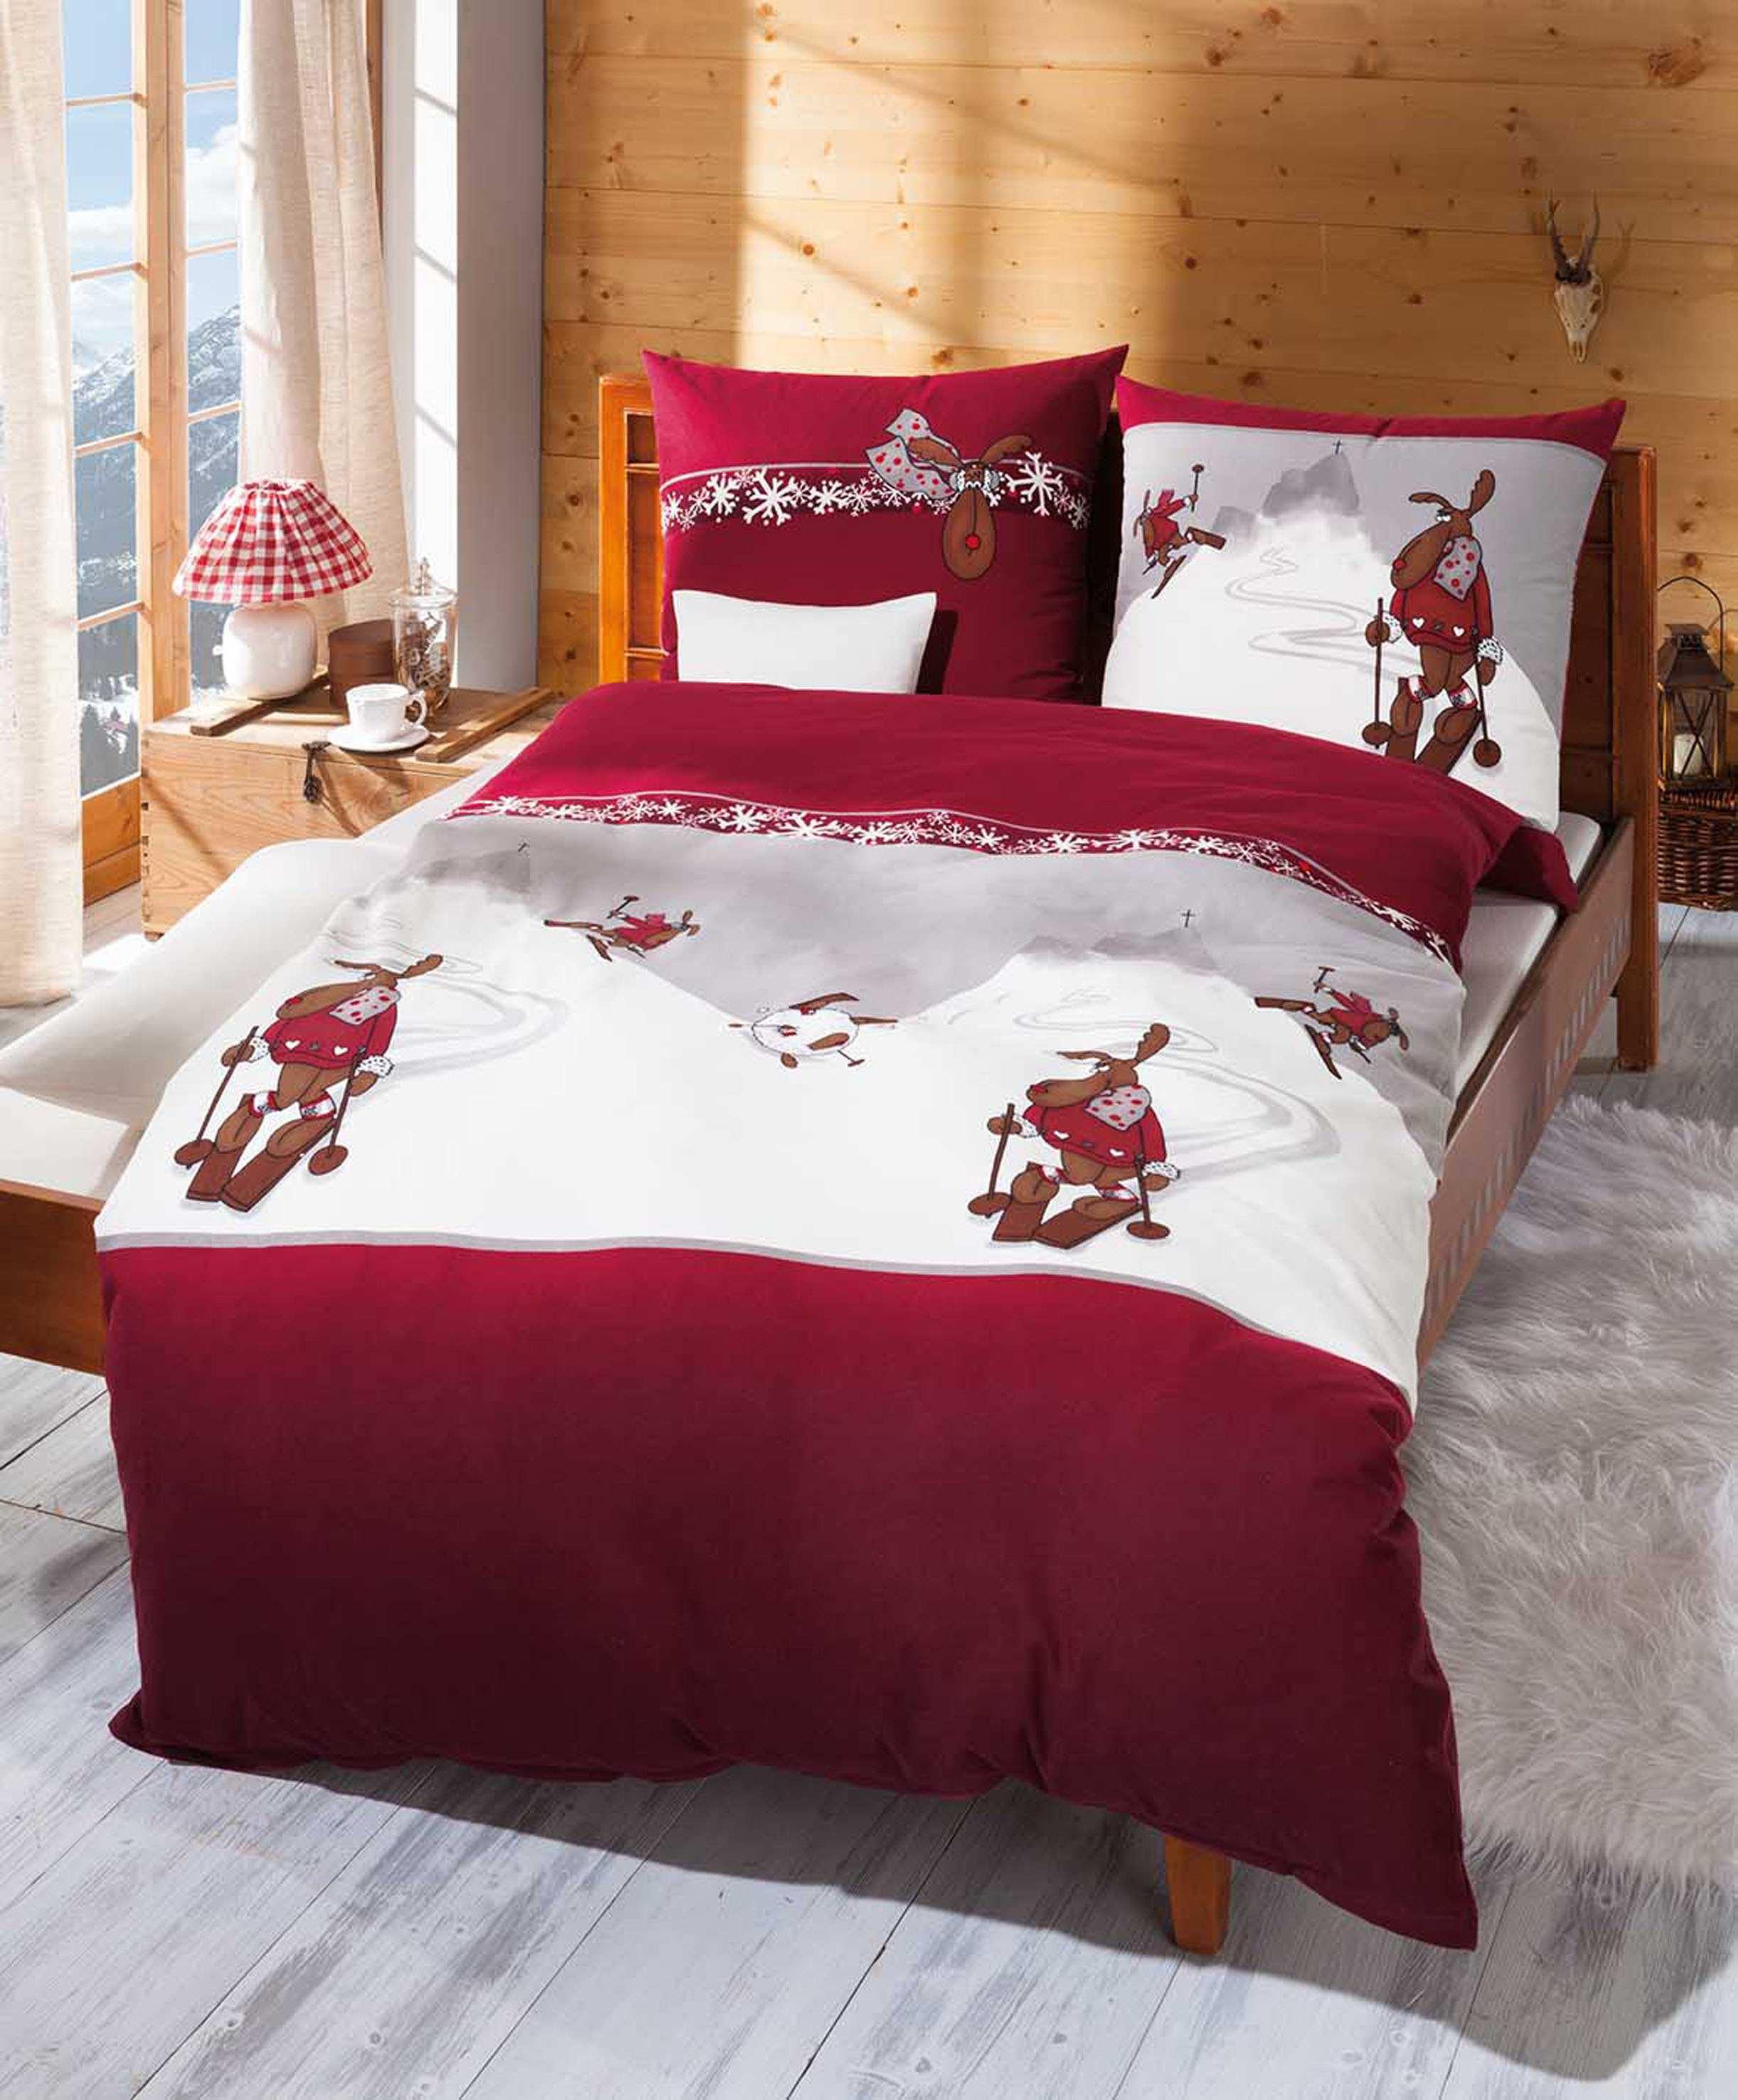 biber bettw sche elch ski warm g nstig bestellen. Black Bedroom Furniture Sets. Home Design Ideas